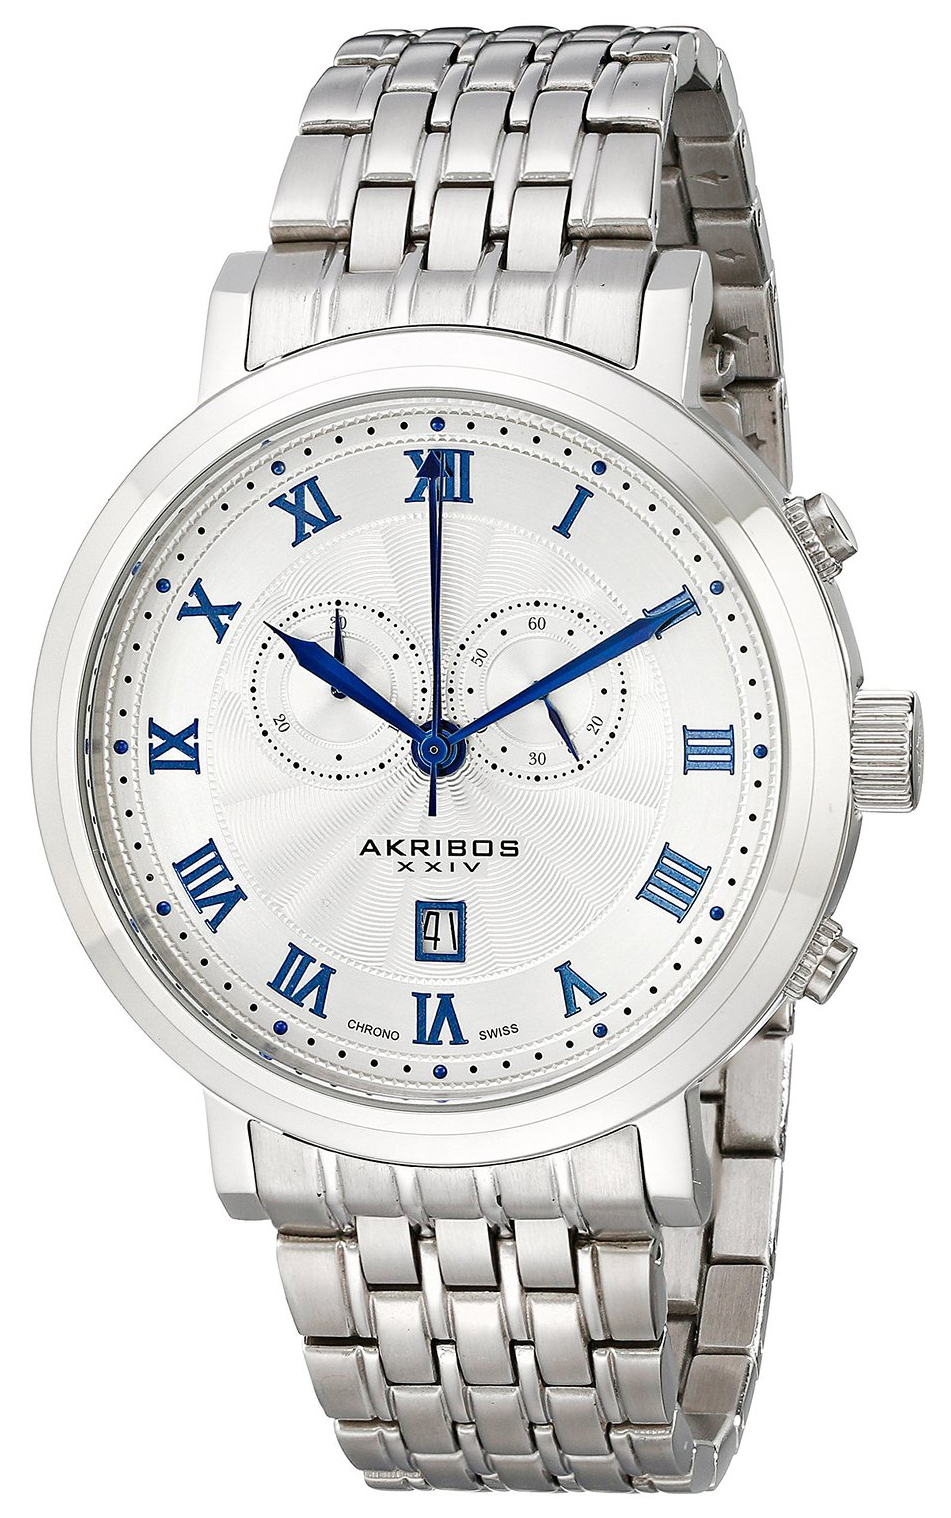 Akribos XXIV Chronograph Herreklokke AK590SS Sølvfarget/Stål Ø46 mm - Akribos XXIV